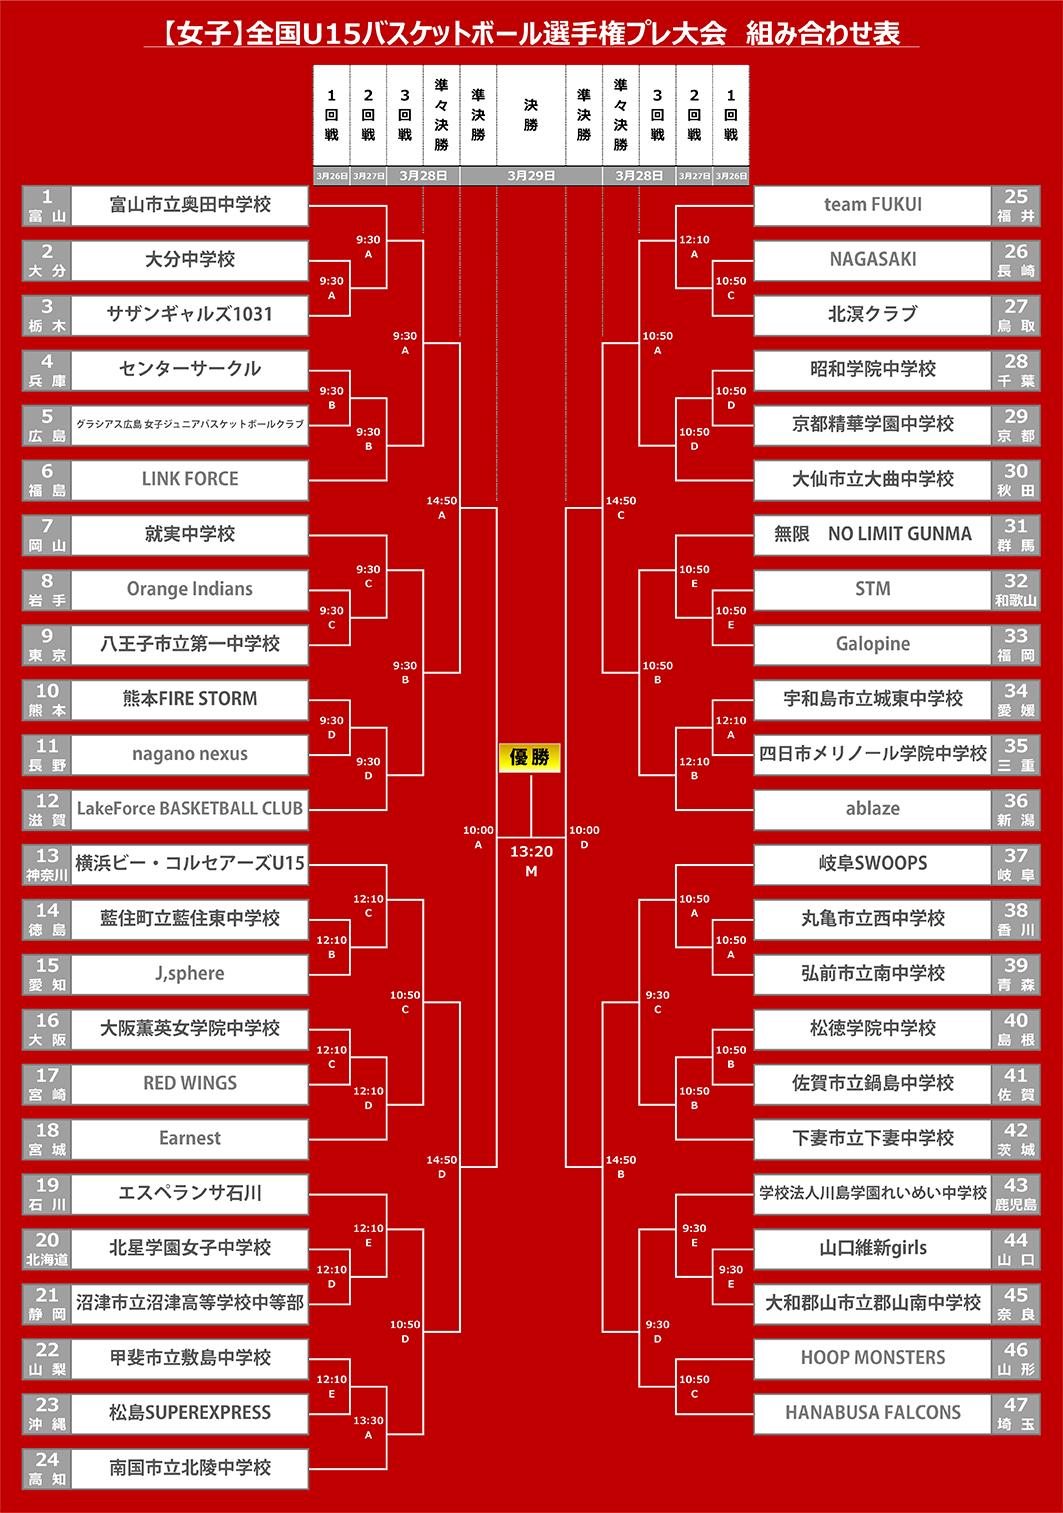 トーナメント表(女子)